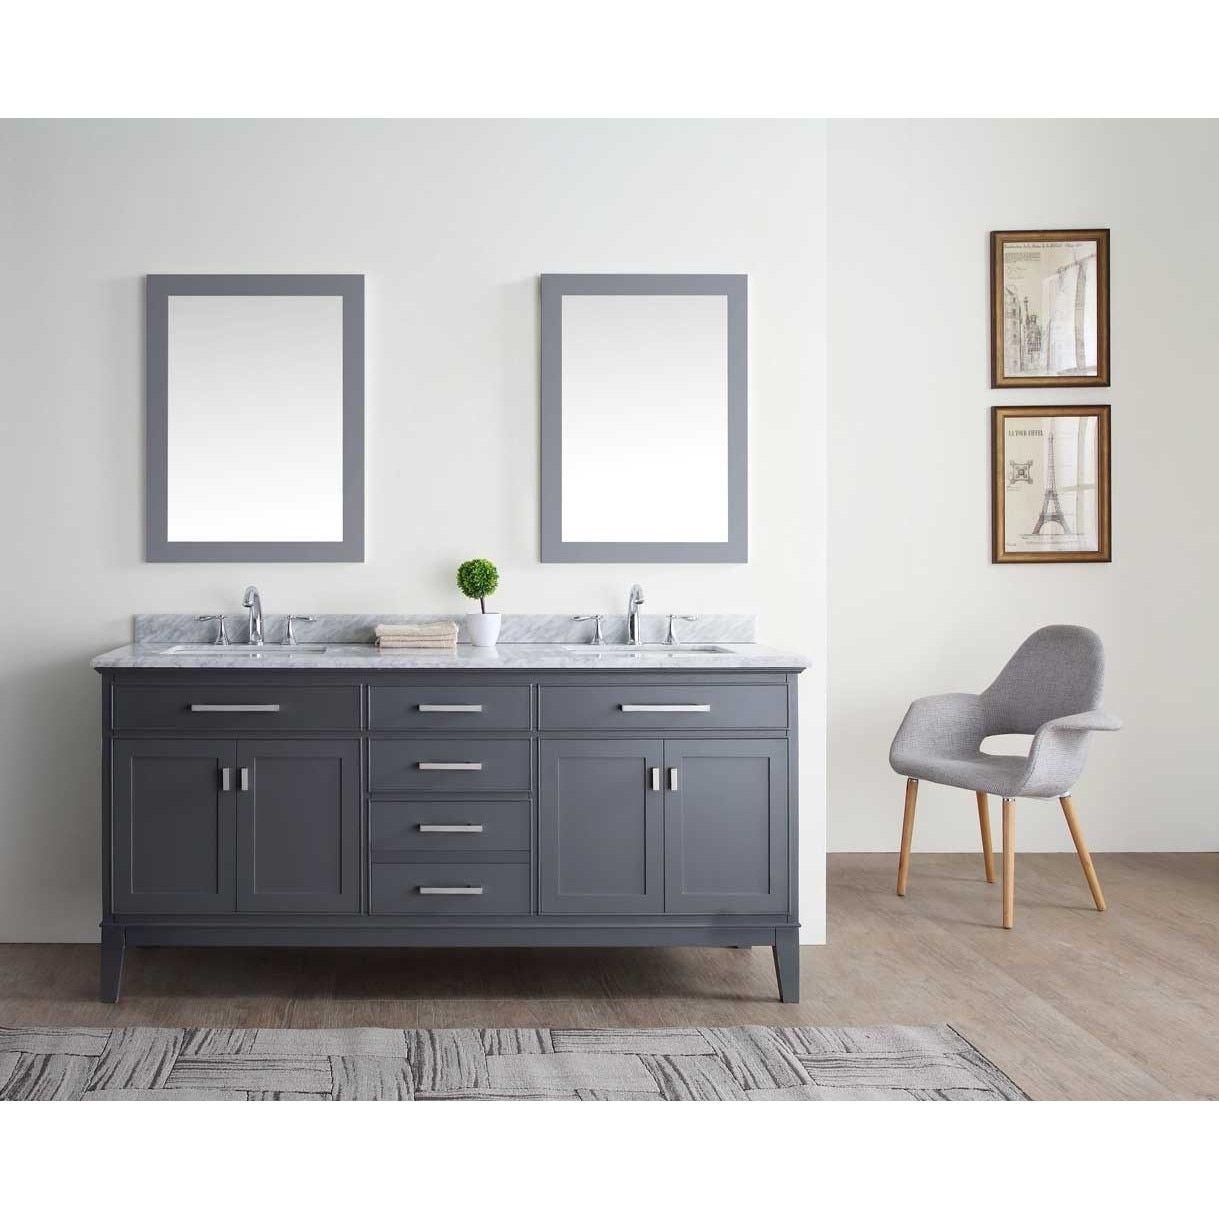 Ari Kitchen and Bath Danny 72-inch Double Bathroom Vanity Set ...